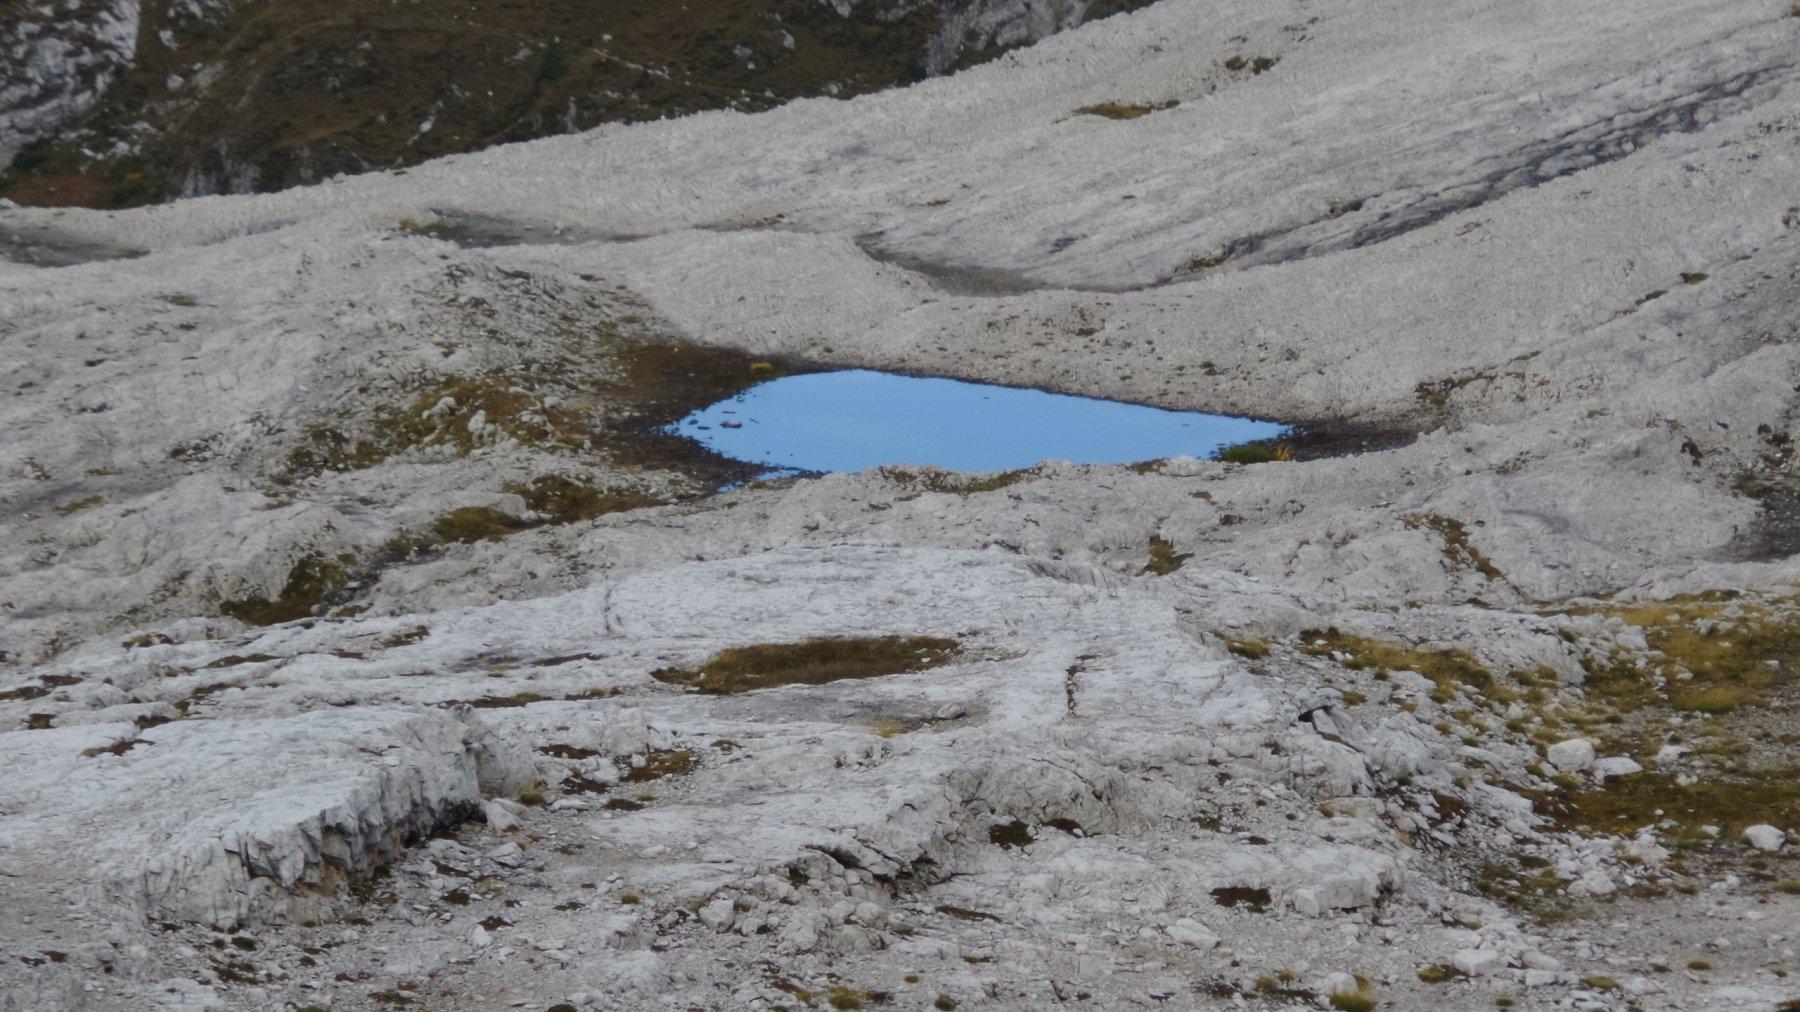 il piccolo Lago Gelato, dove si tralascia il sentiero per la Forcella Giralba (19-9-2015)